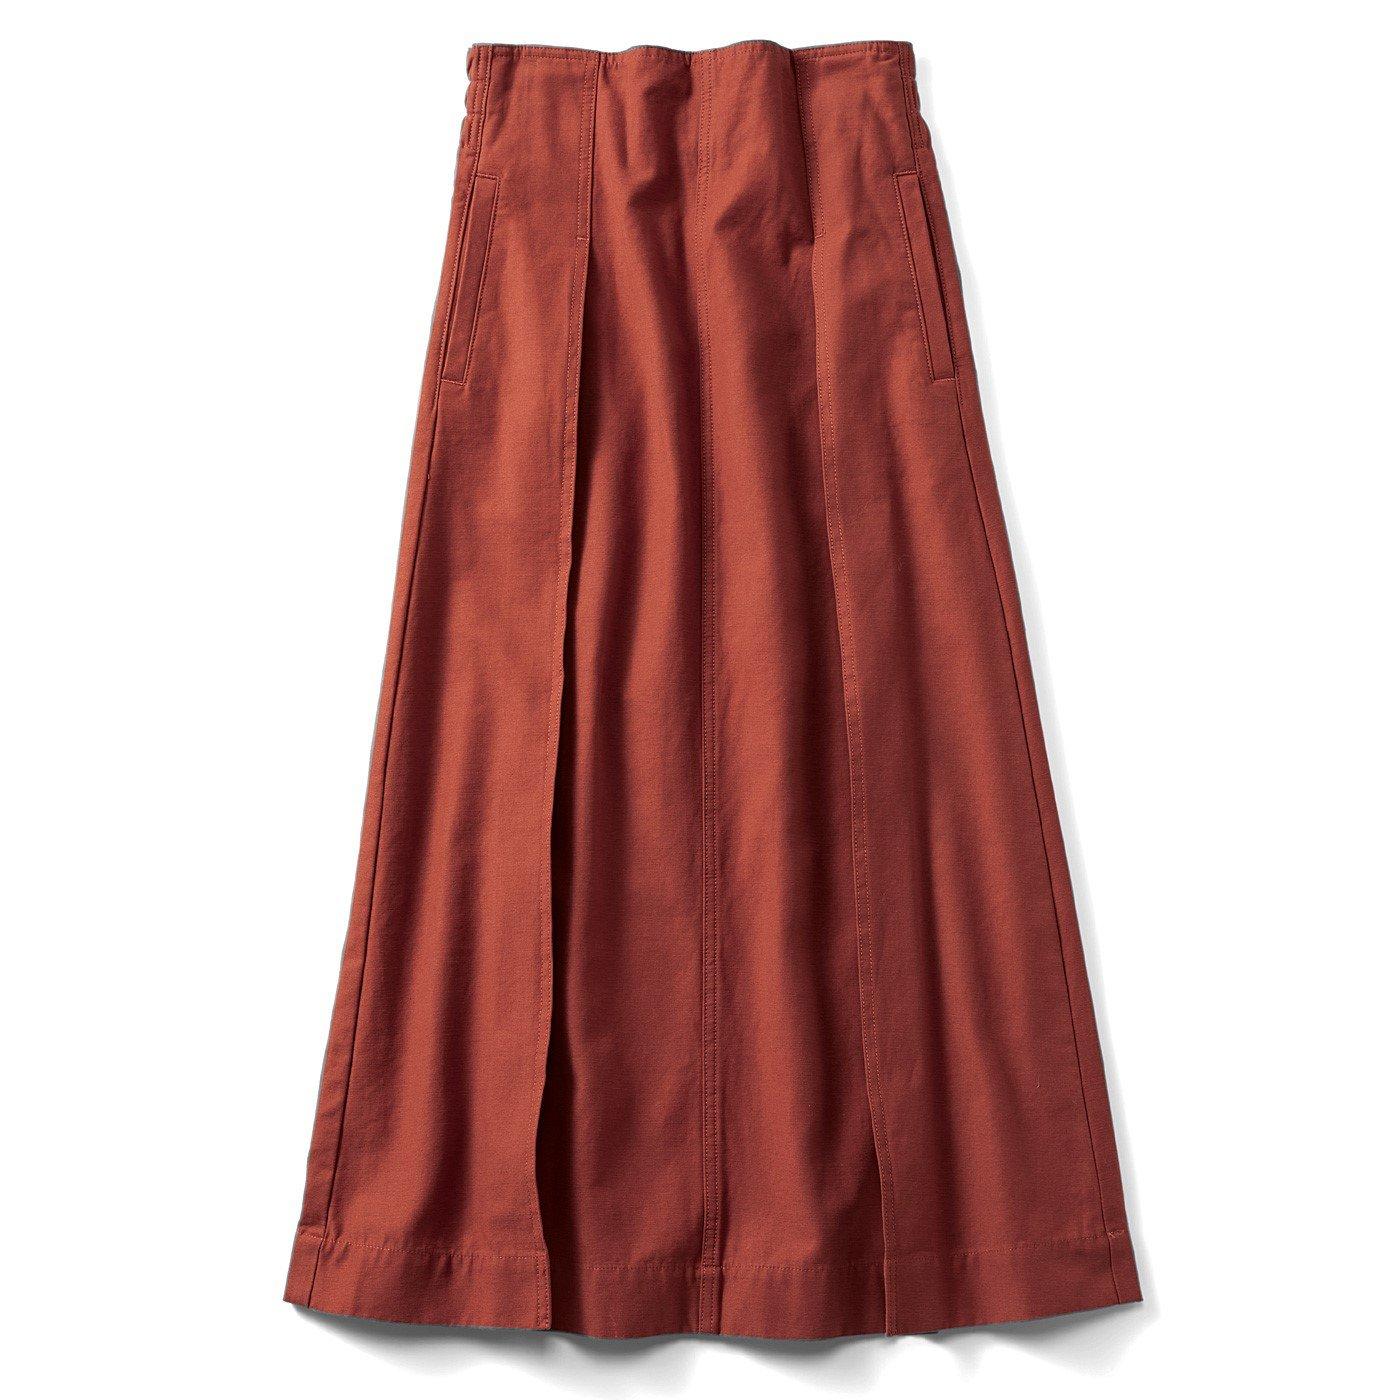 リブ イン コンフォート パンツ感覚ではけてスッキリ見える大人ワークスカート〈テラコッタオレンジ〉